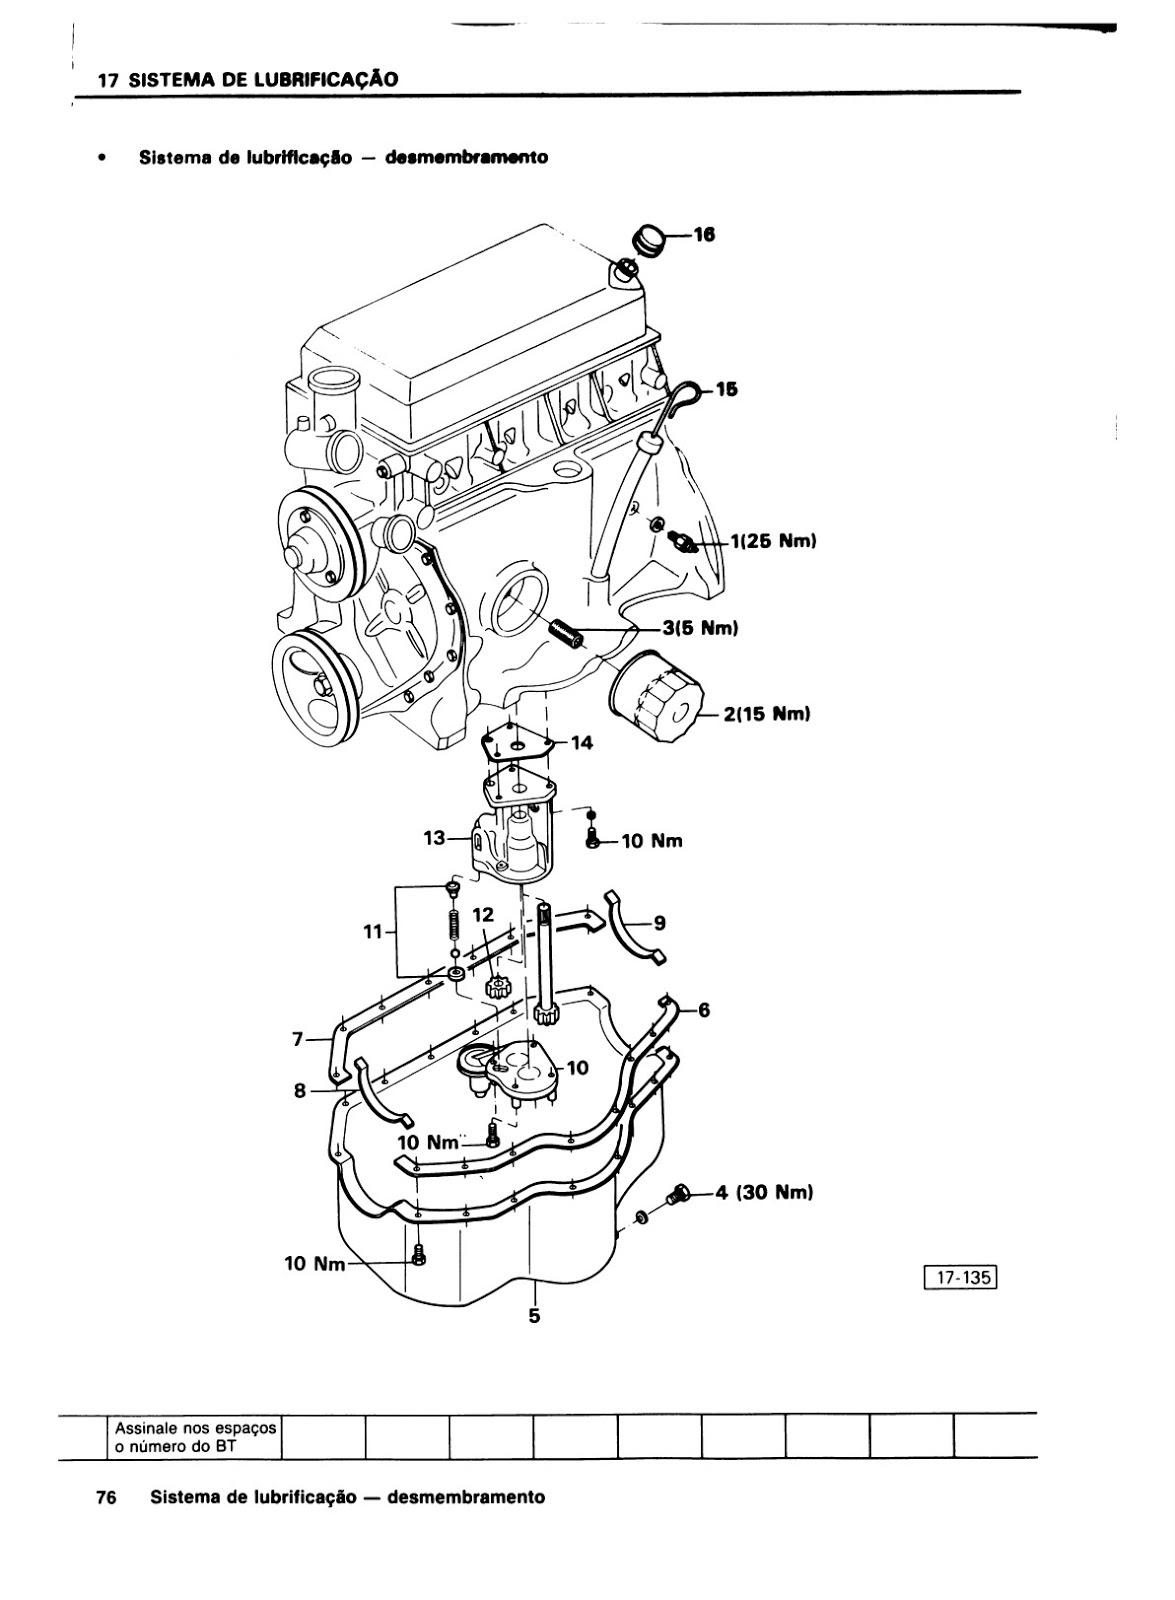 OFICINA VW : MANUAL DE REPARAÇÕES GOL E SAVEIRO MOTOR AE 1600